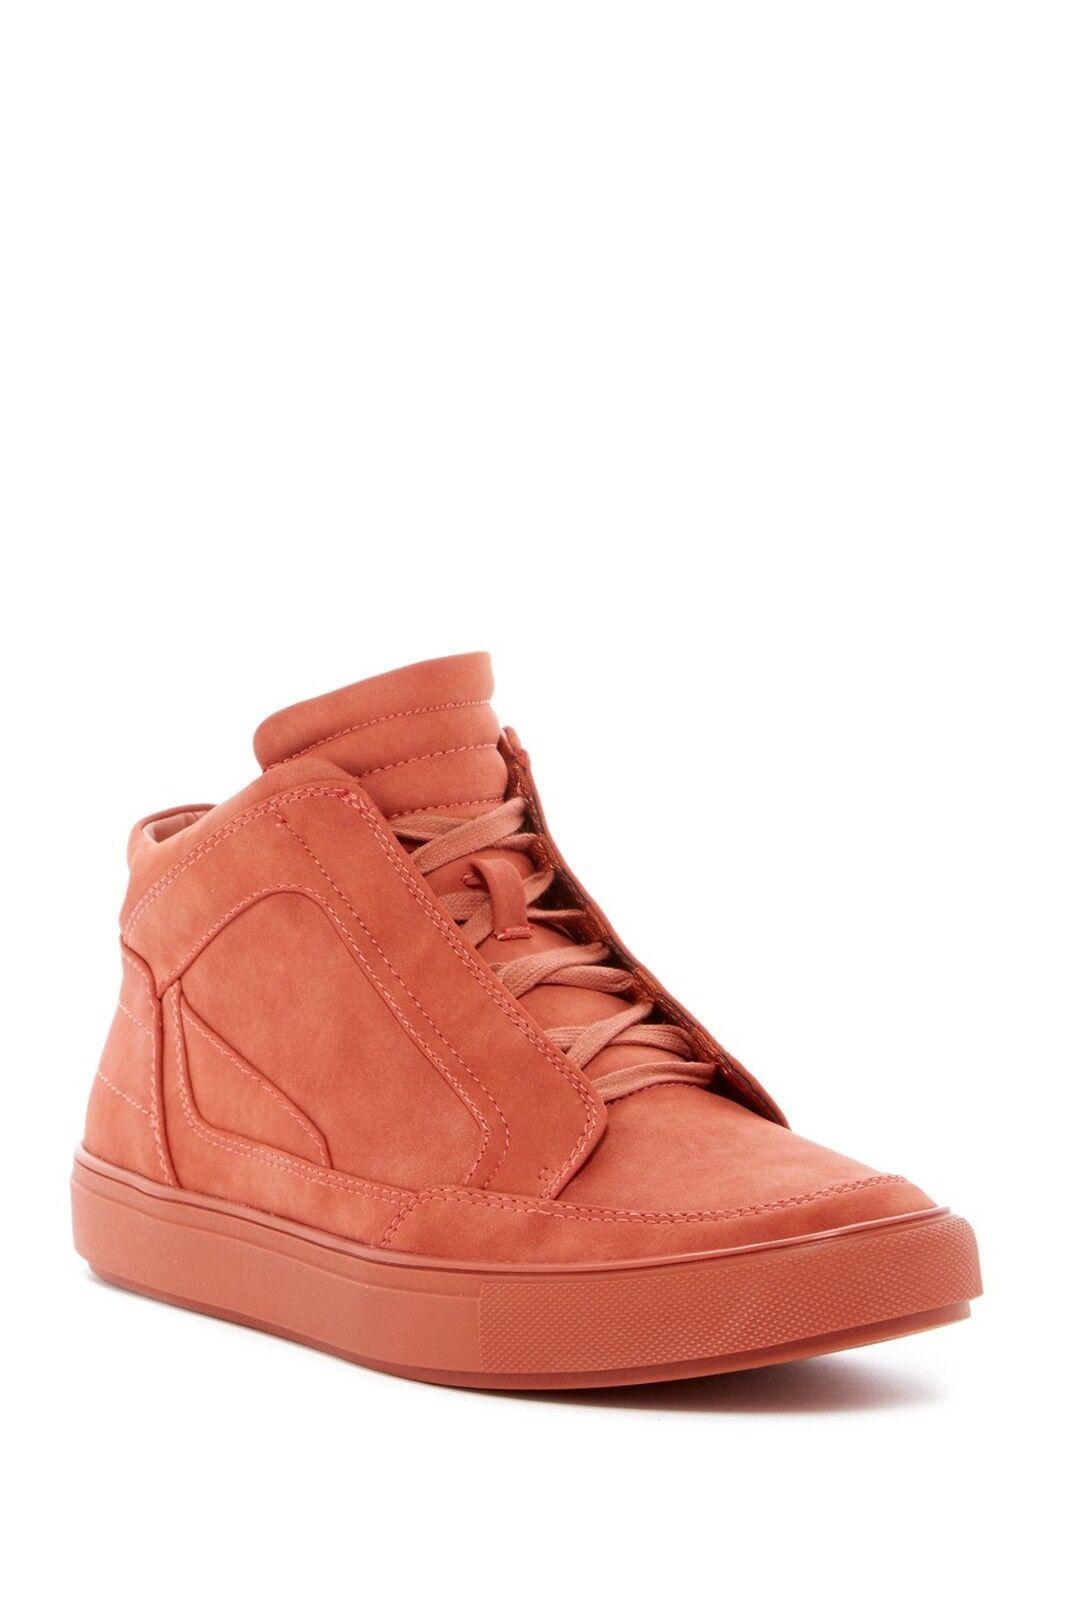 New New New  Steve Madden Dock Mid Sneaker mens shoes e33cb9